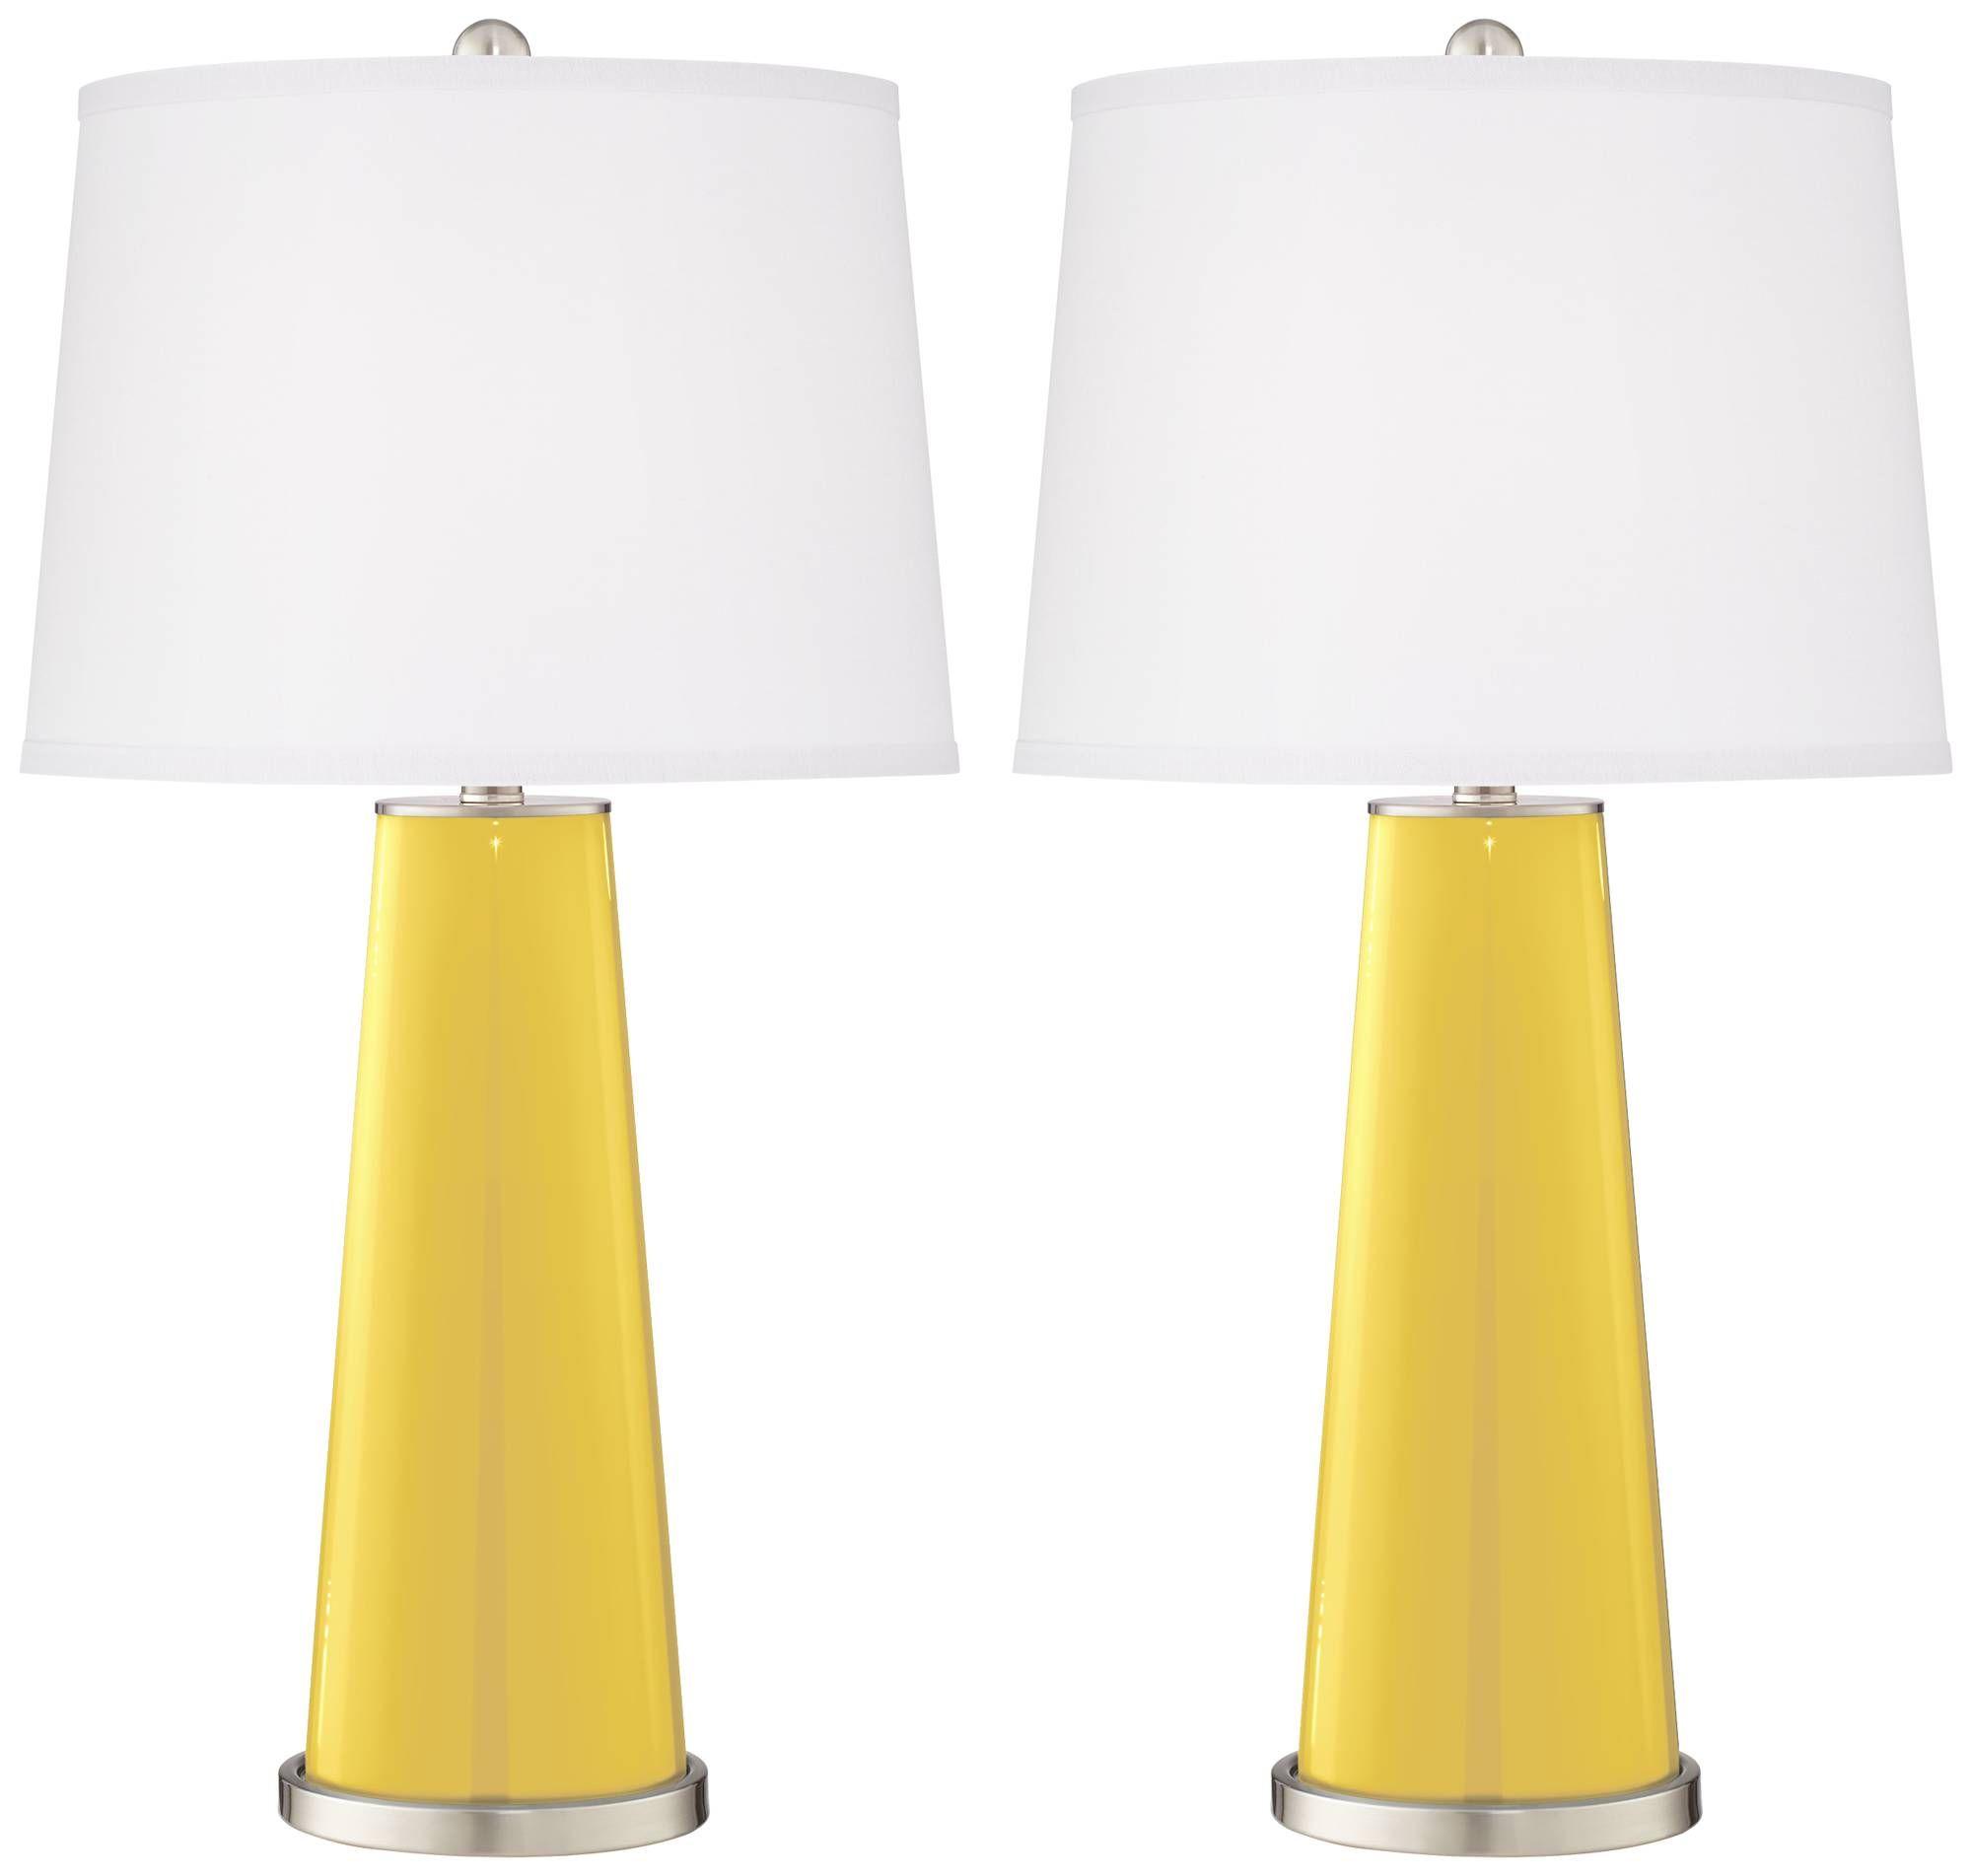 Lemon Zest Leo Table Lamp Set of 2 - #1R412-Y5337-9J641 | Lamps Plus